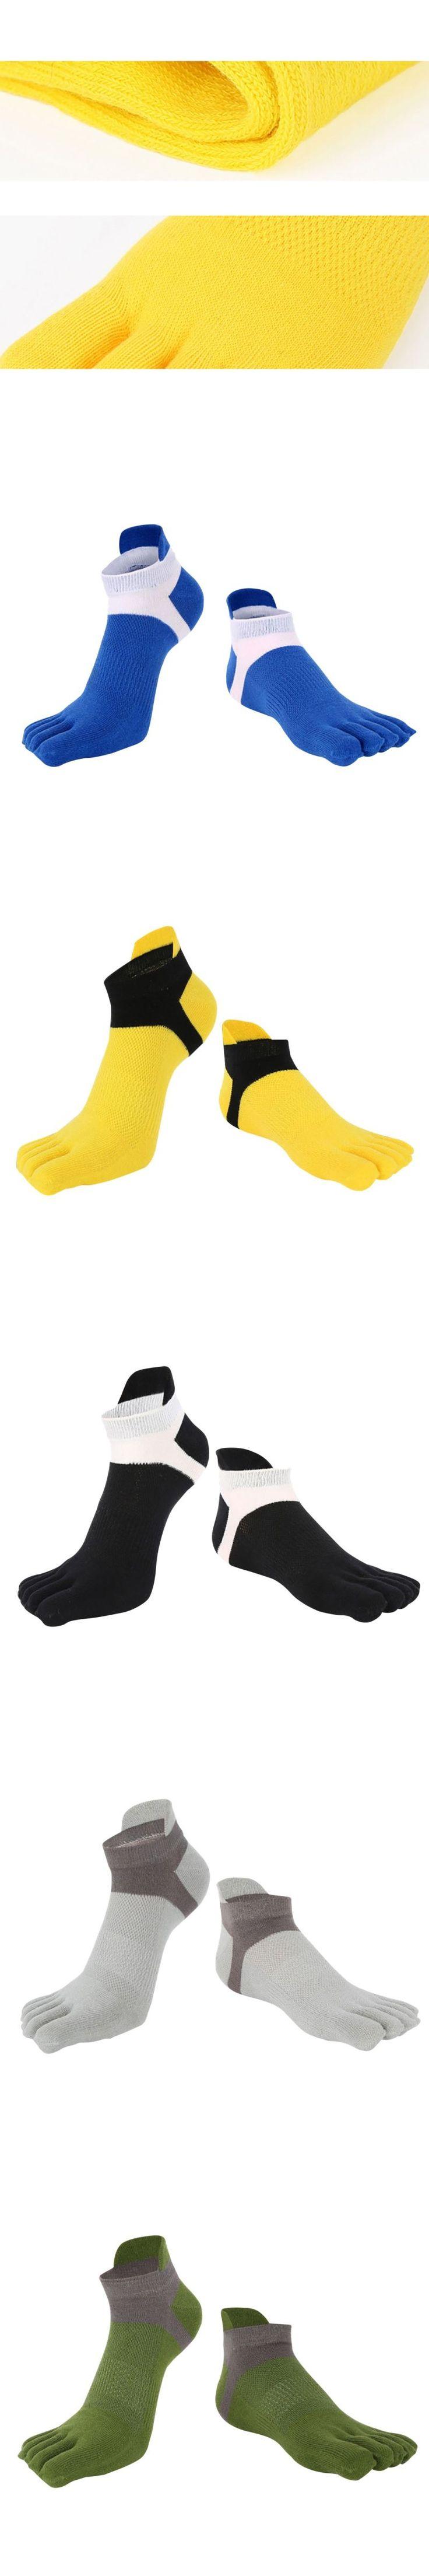 New Men's Cotton Five Finger Toe Socks Deportes Short Tube Mesh Finger Meias Polyester Sock Correr Elasticity Sock W1